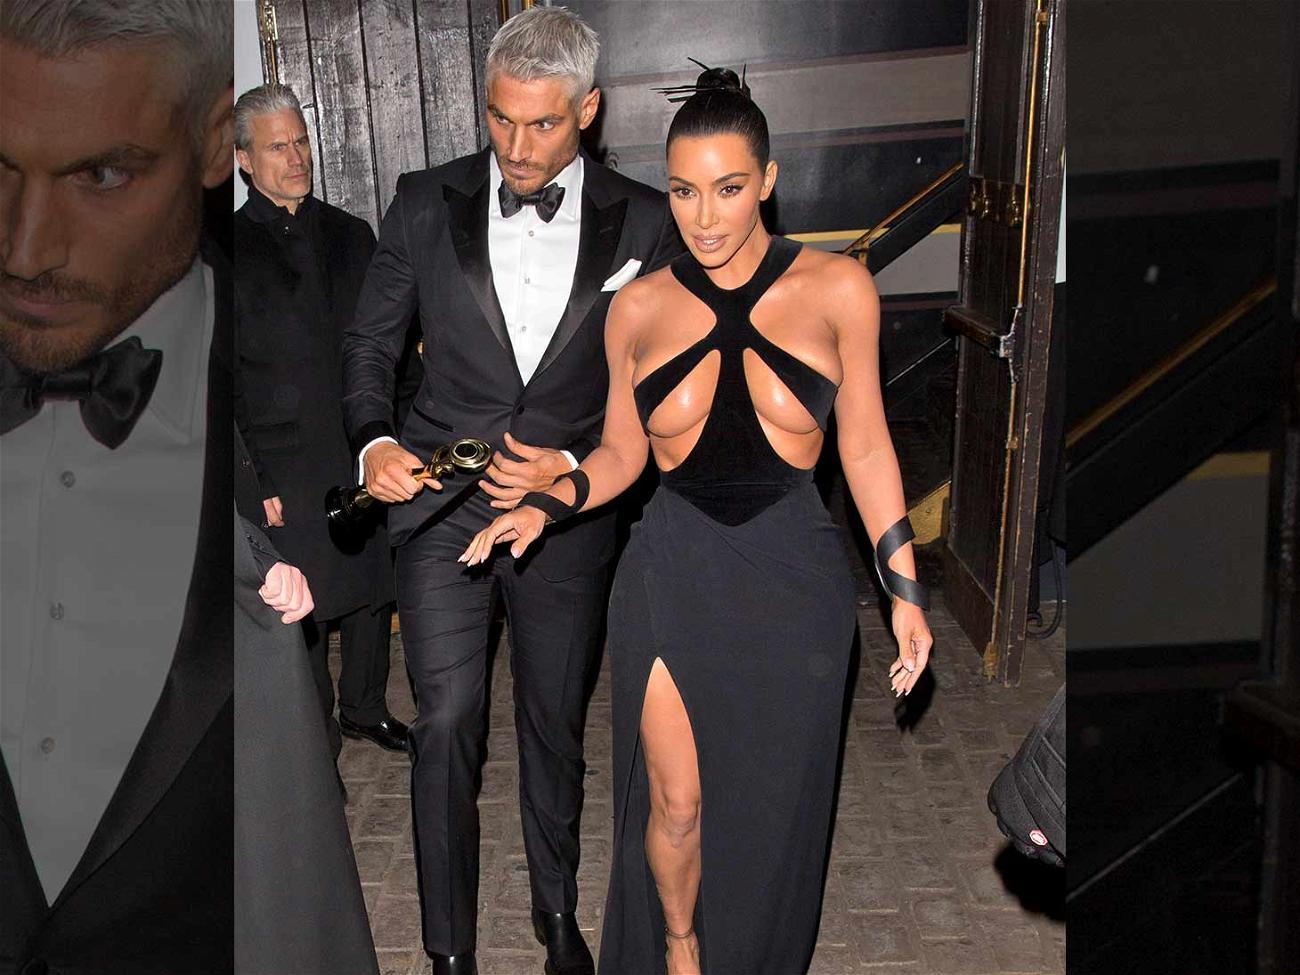 Kim Karadashian